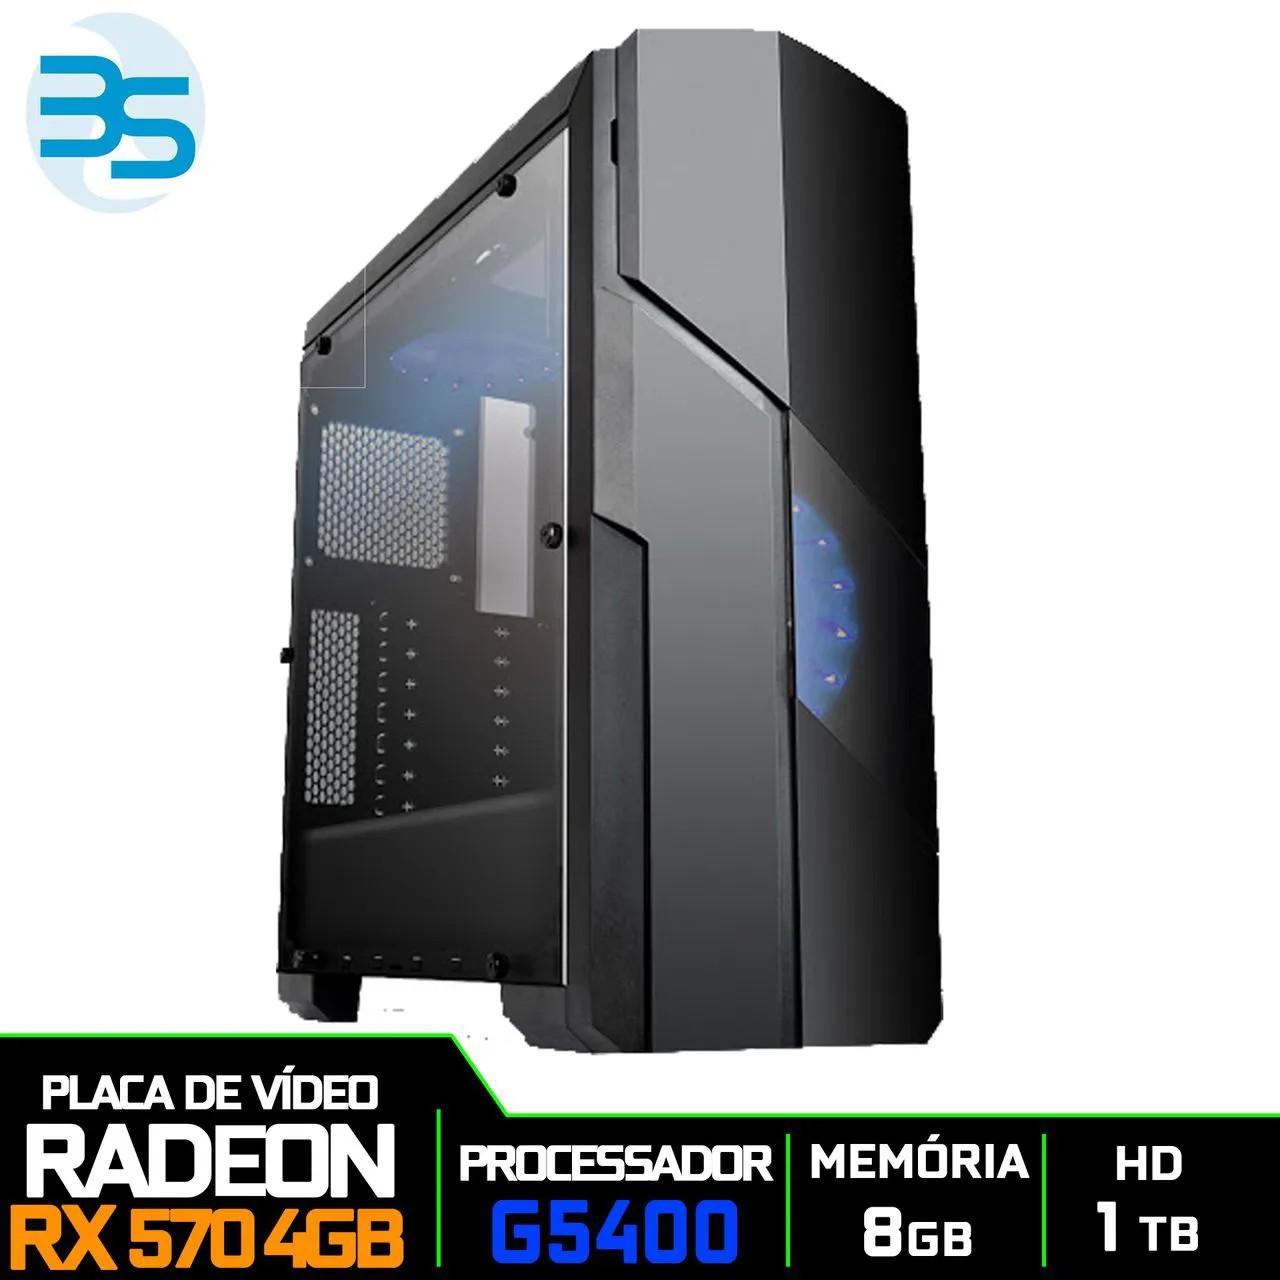 Computador Gamer Intel G5400 3.70GHZ 4MB, 8GB DDR4, HD 1TB, 500W, RX 570